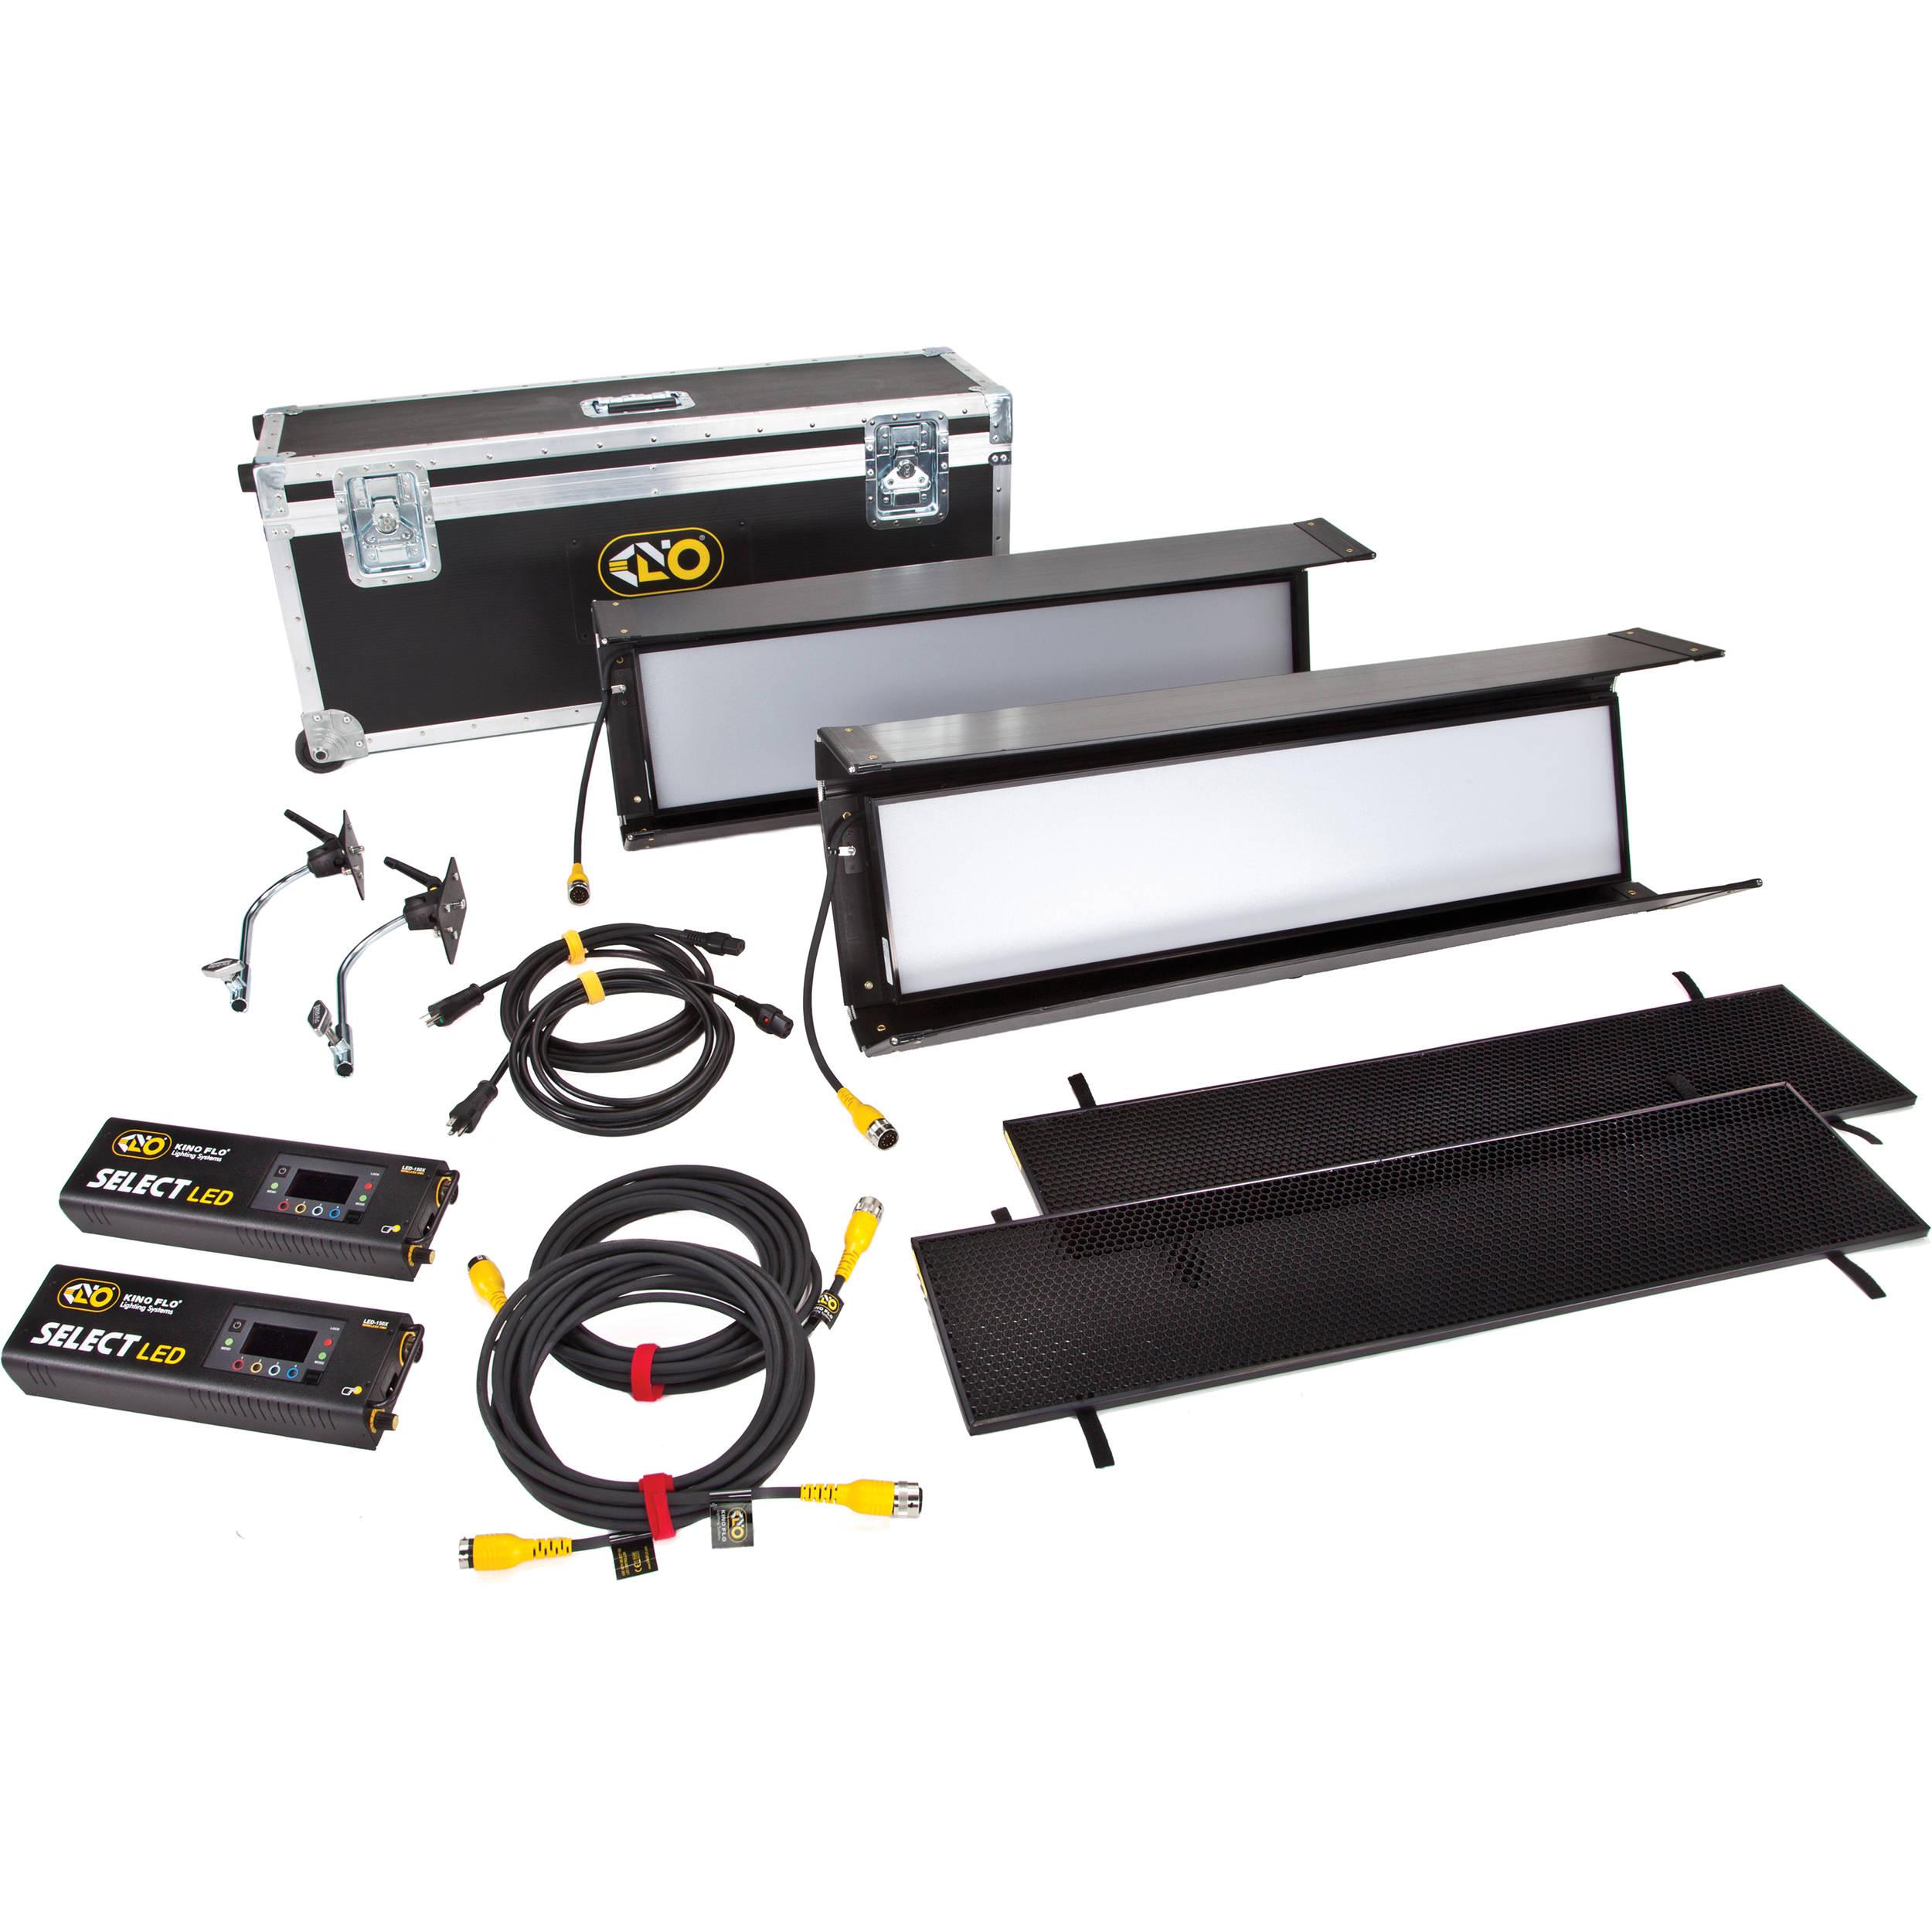 Kino flo gaffer 30 dmx 2 light shipping case kit kit s32 120u for Select light